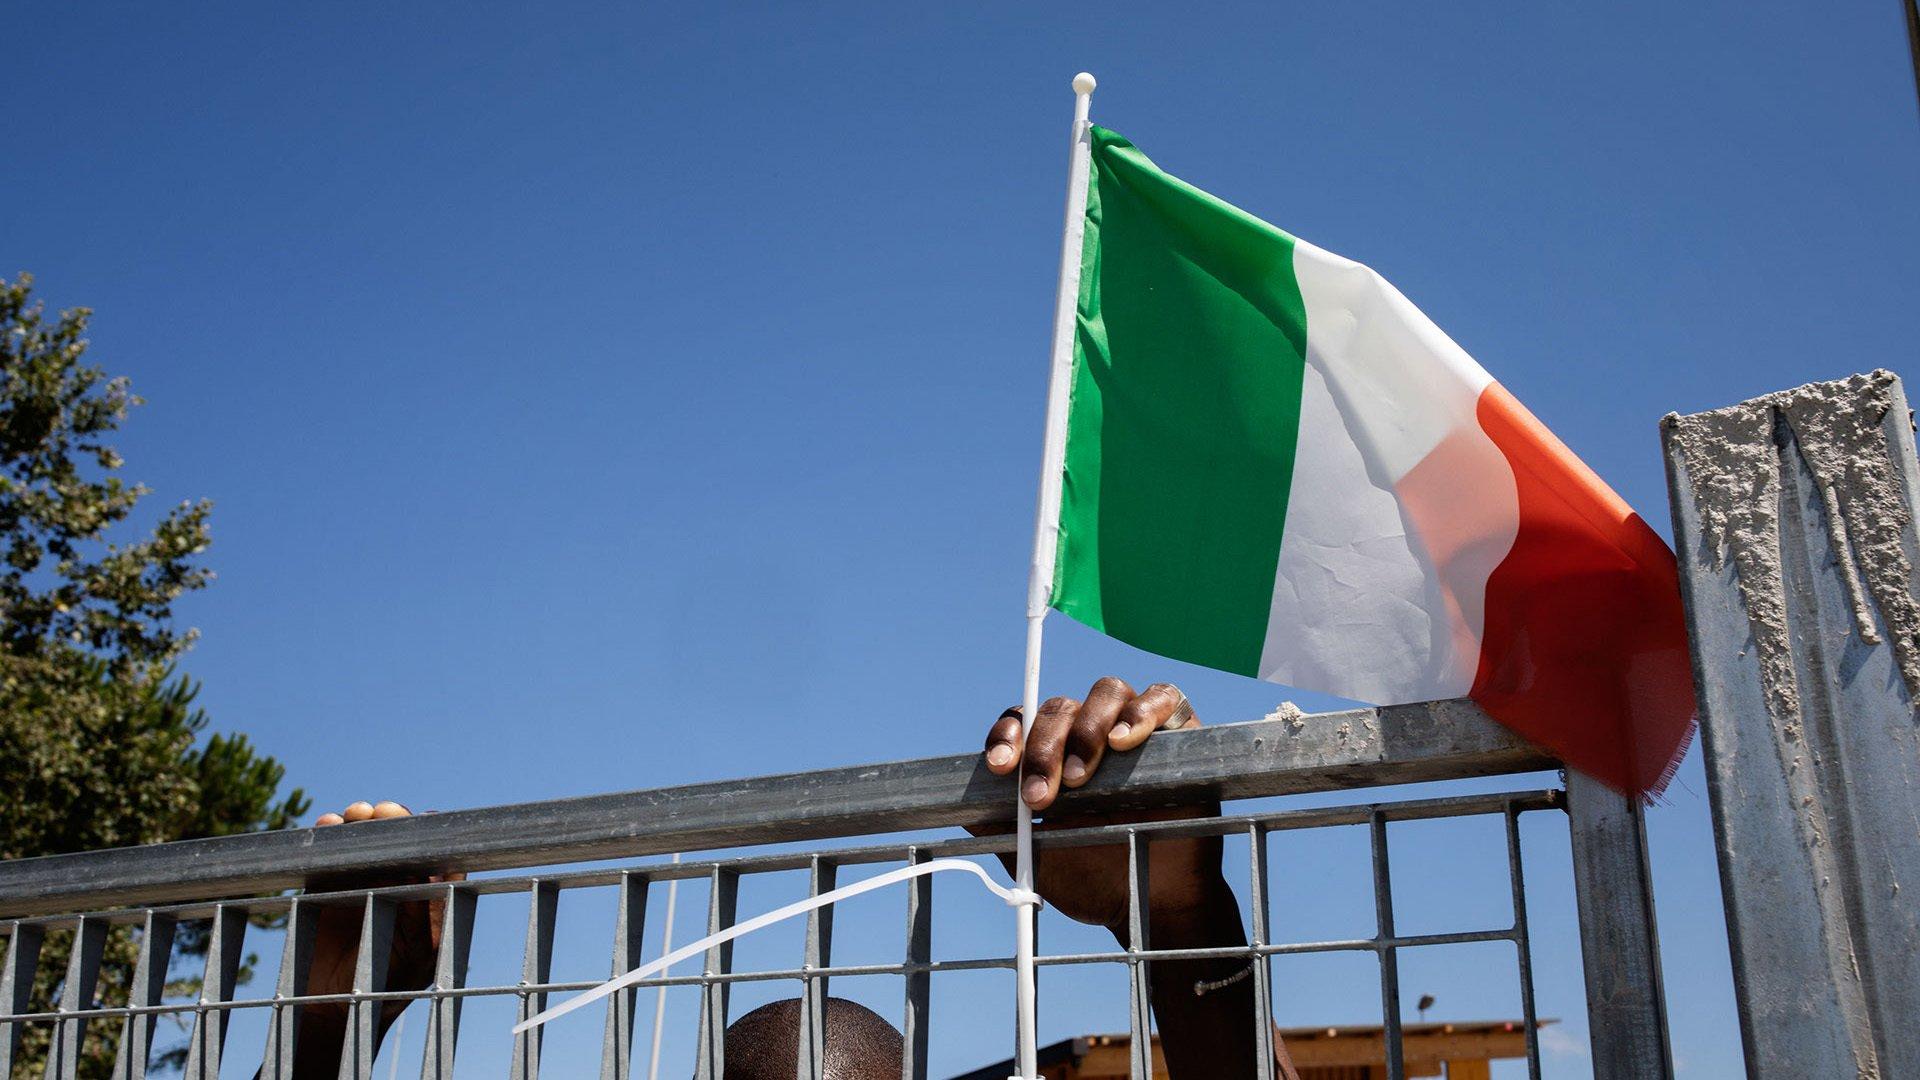 La Germania non rimanda due migranti in Italia perché «rischiano di subire trattamenti inumani»